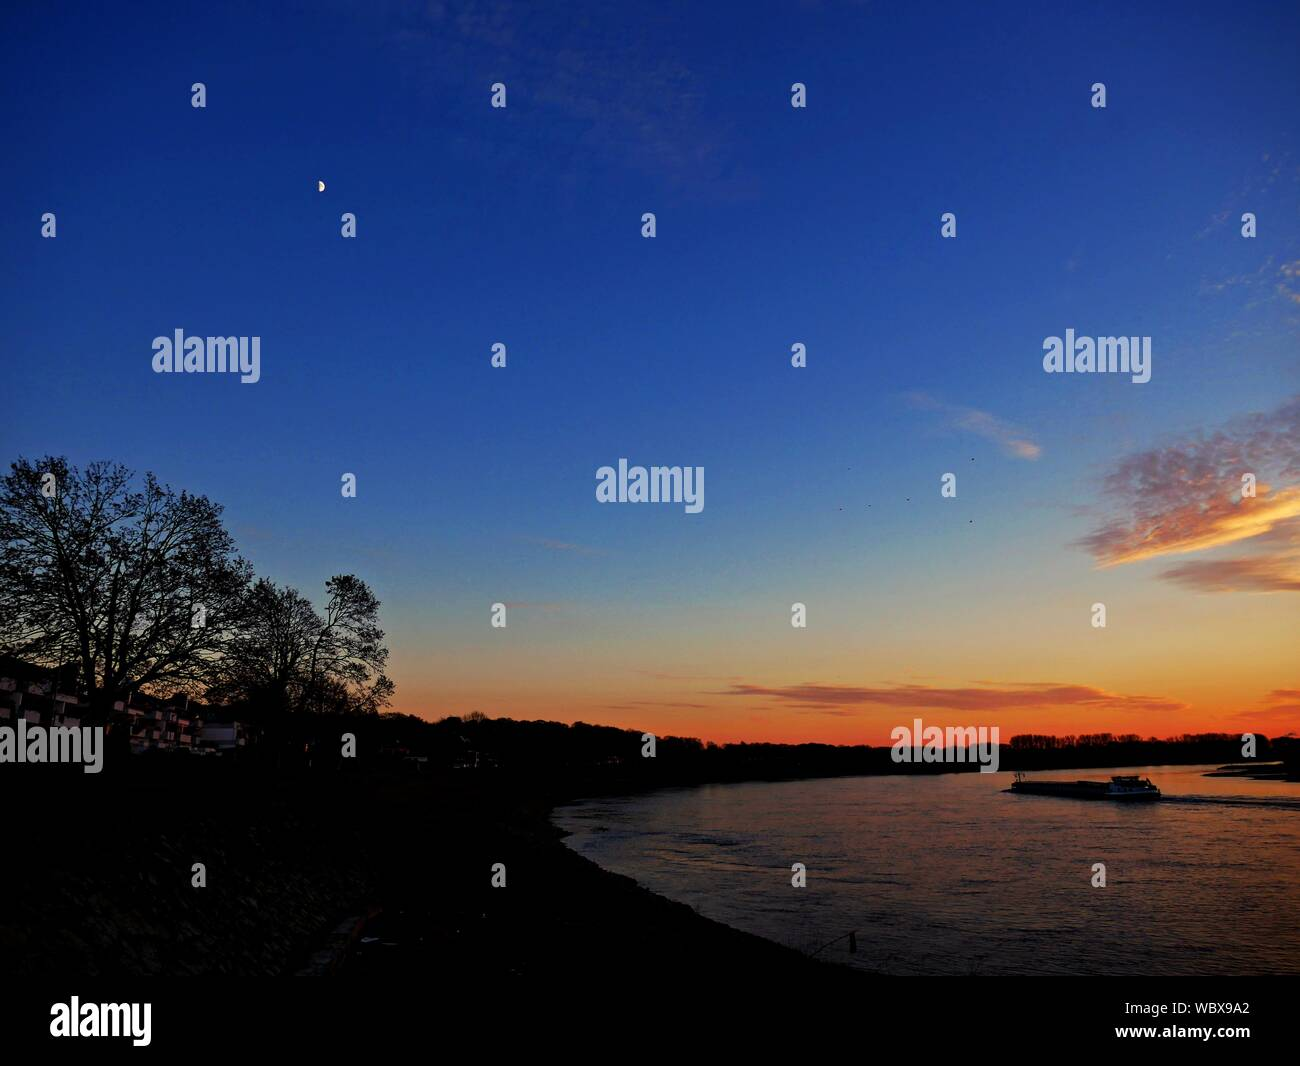 Vista panorámica de la silueta de los árboles contra el cielo durante la puesta de sol Foto de stock